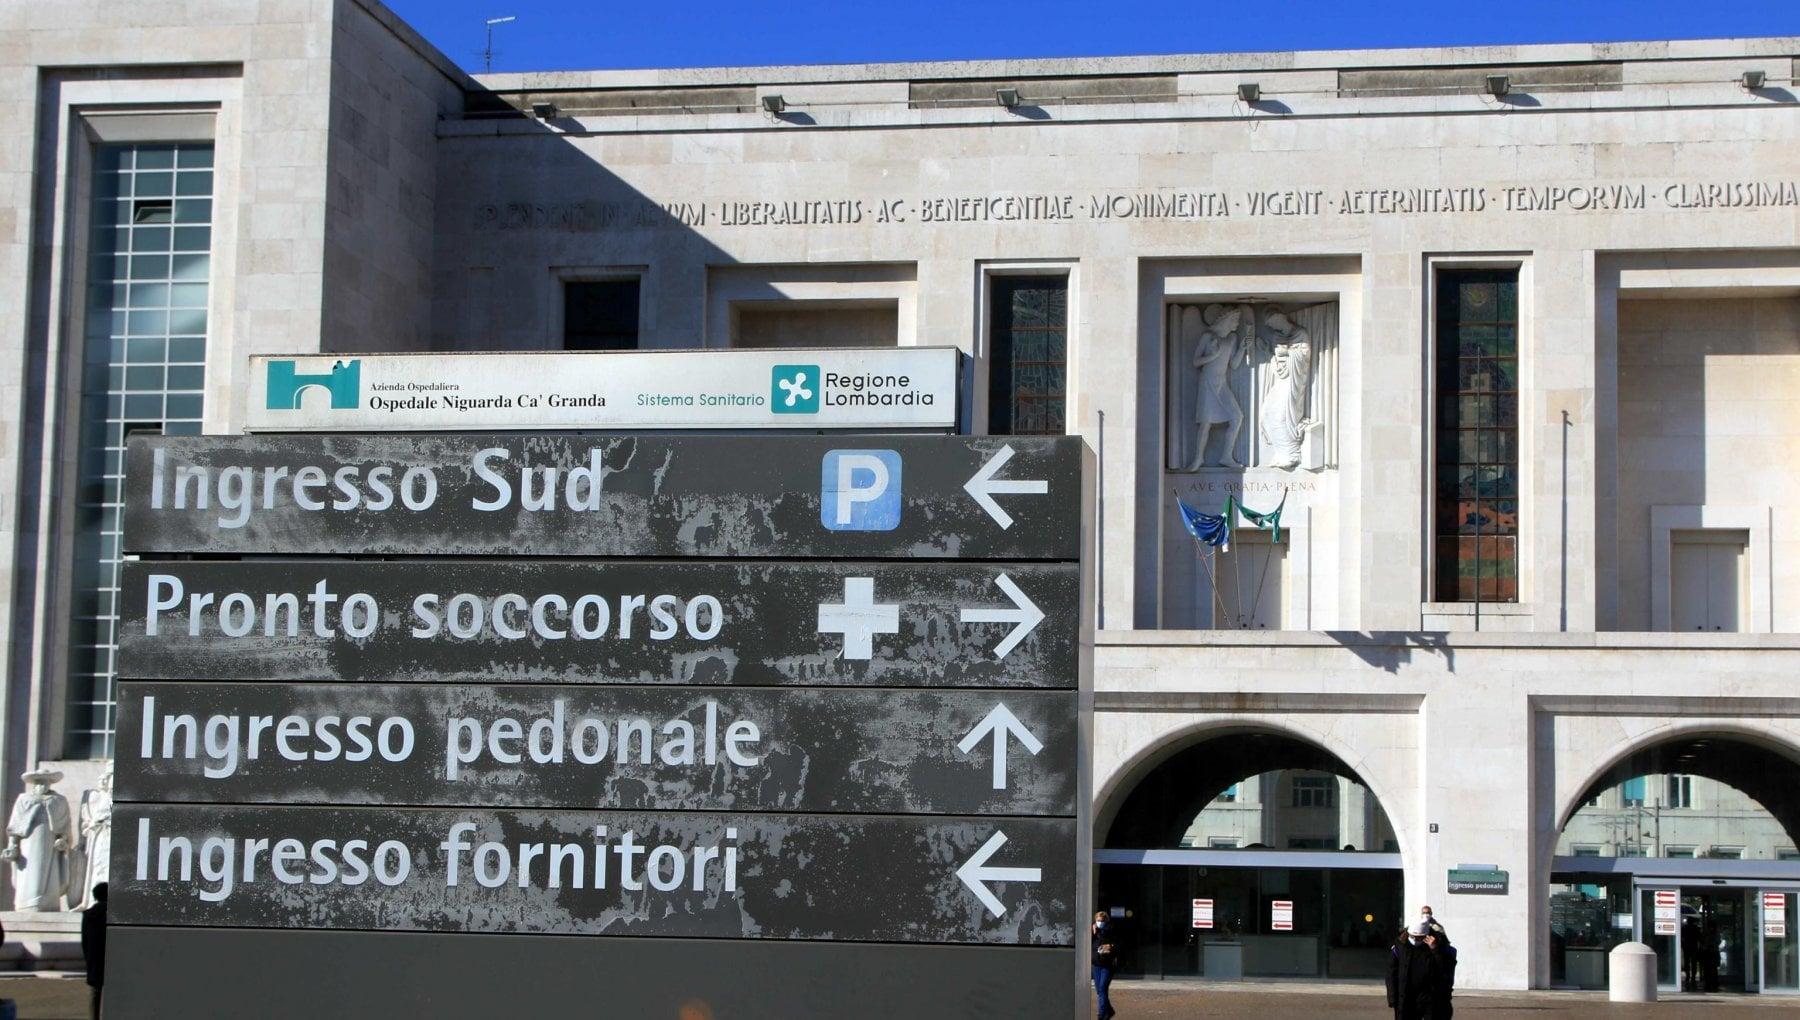 Milano trovato un lanciarazzi allospedale Niguarda